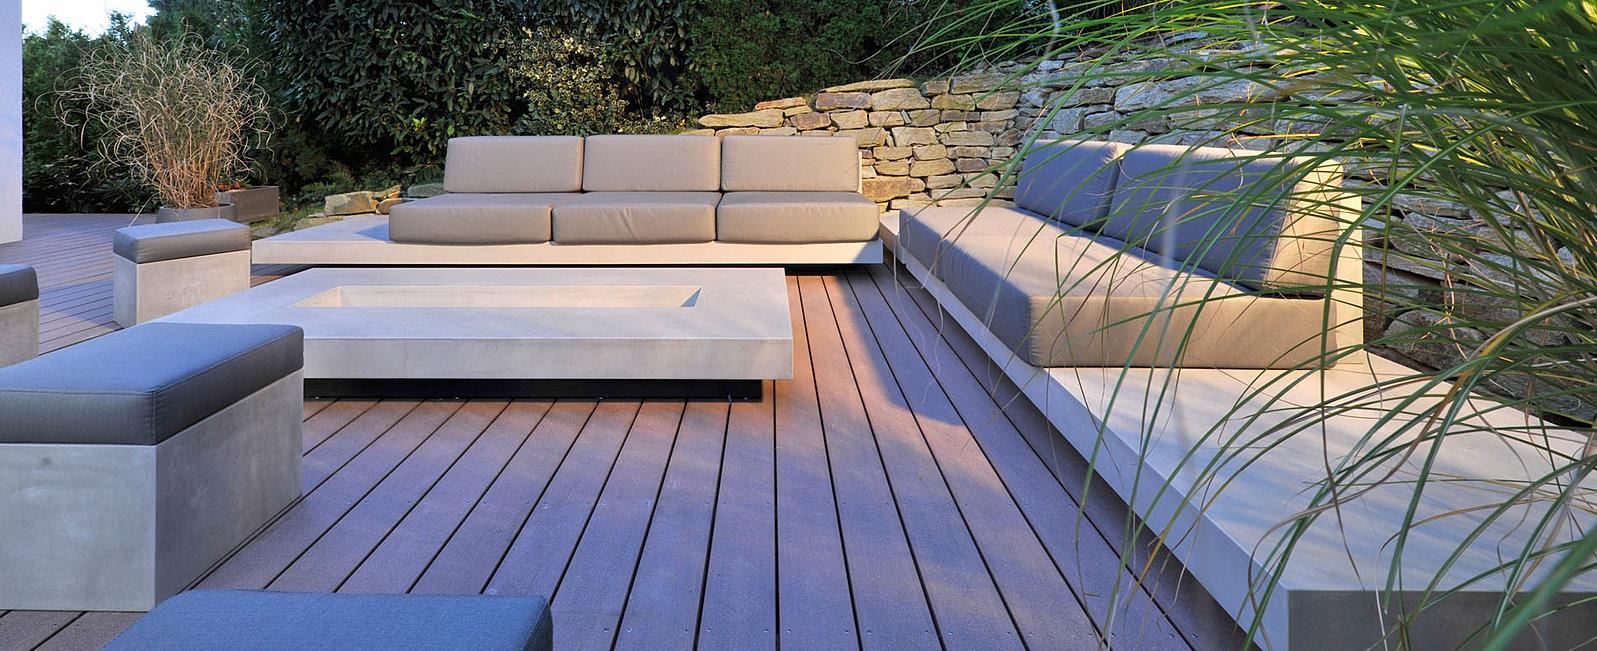 Terrasse und garten im einklang mit architektur for Gunstige loungemobel outdoor